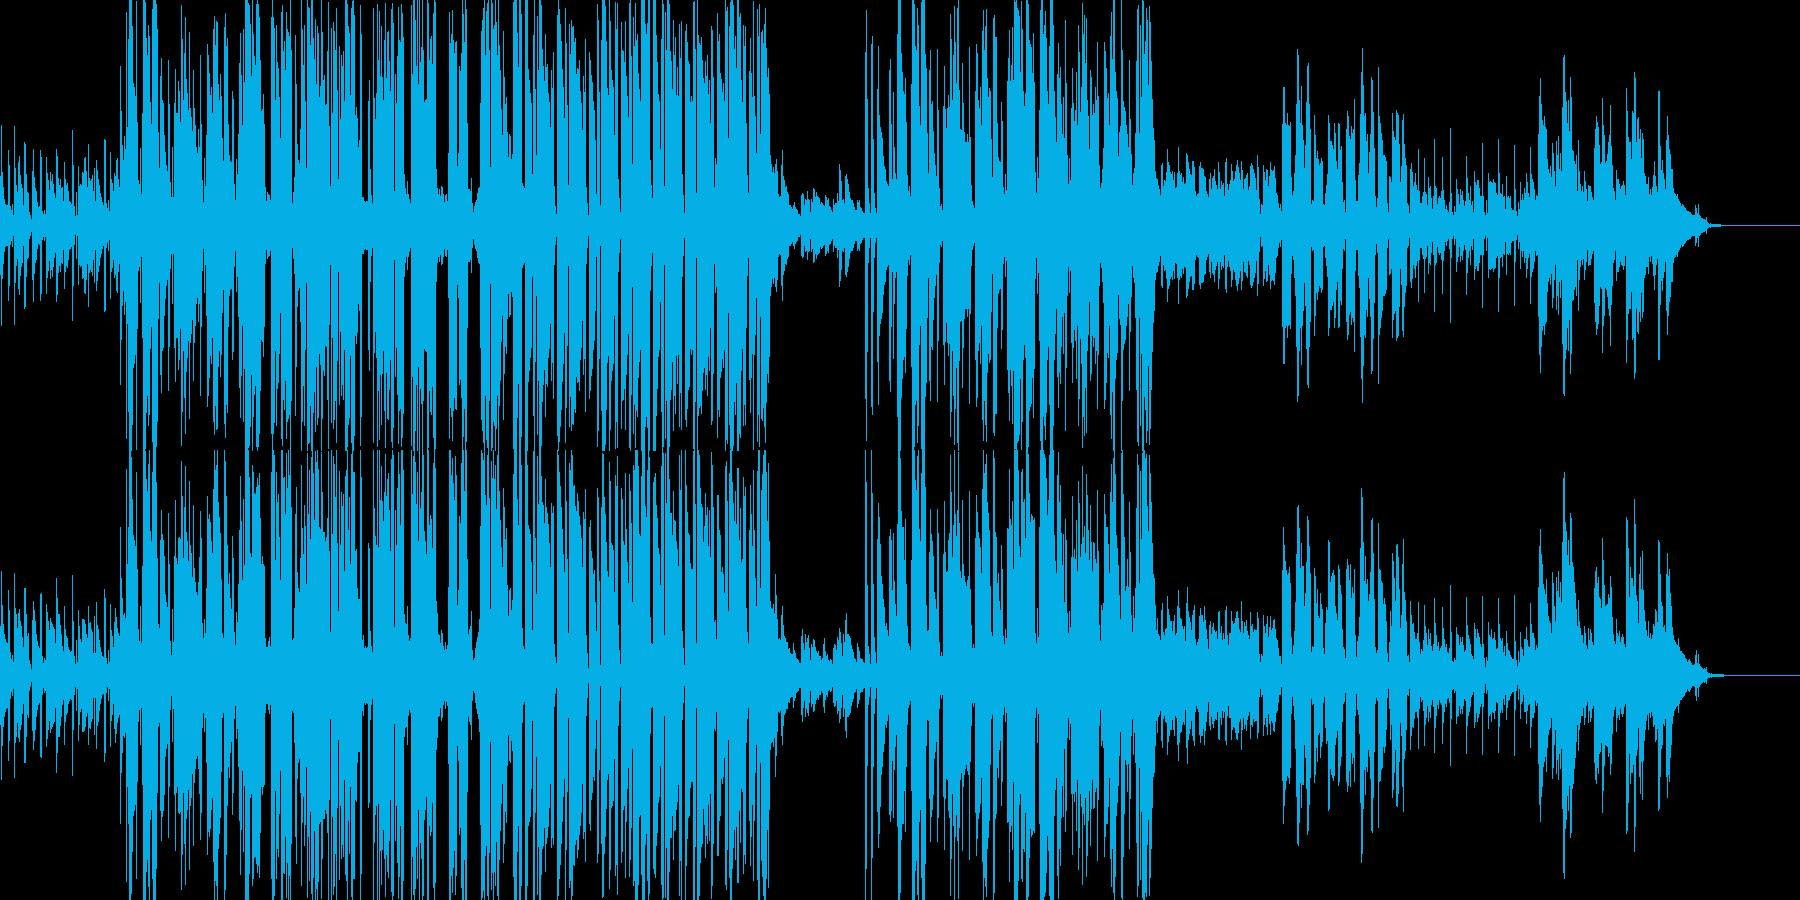 ほのぼの楽しい雰囲気の楽曲の再生済みの波形